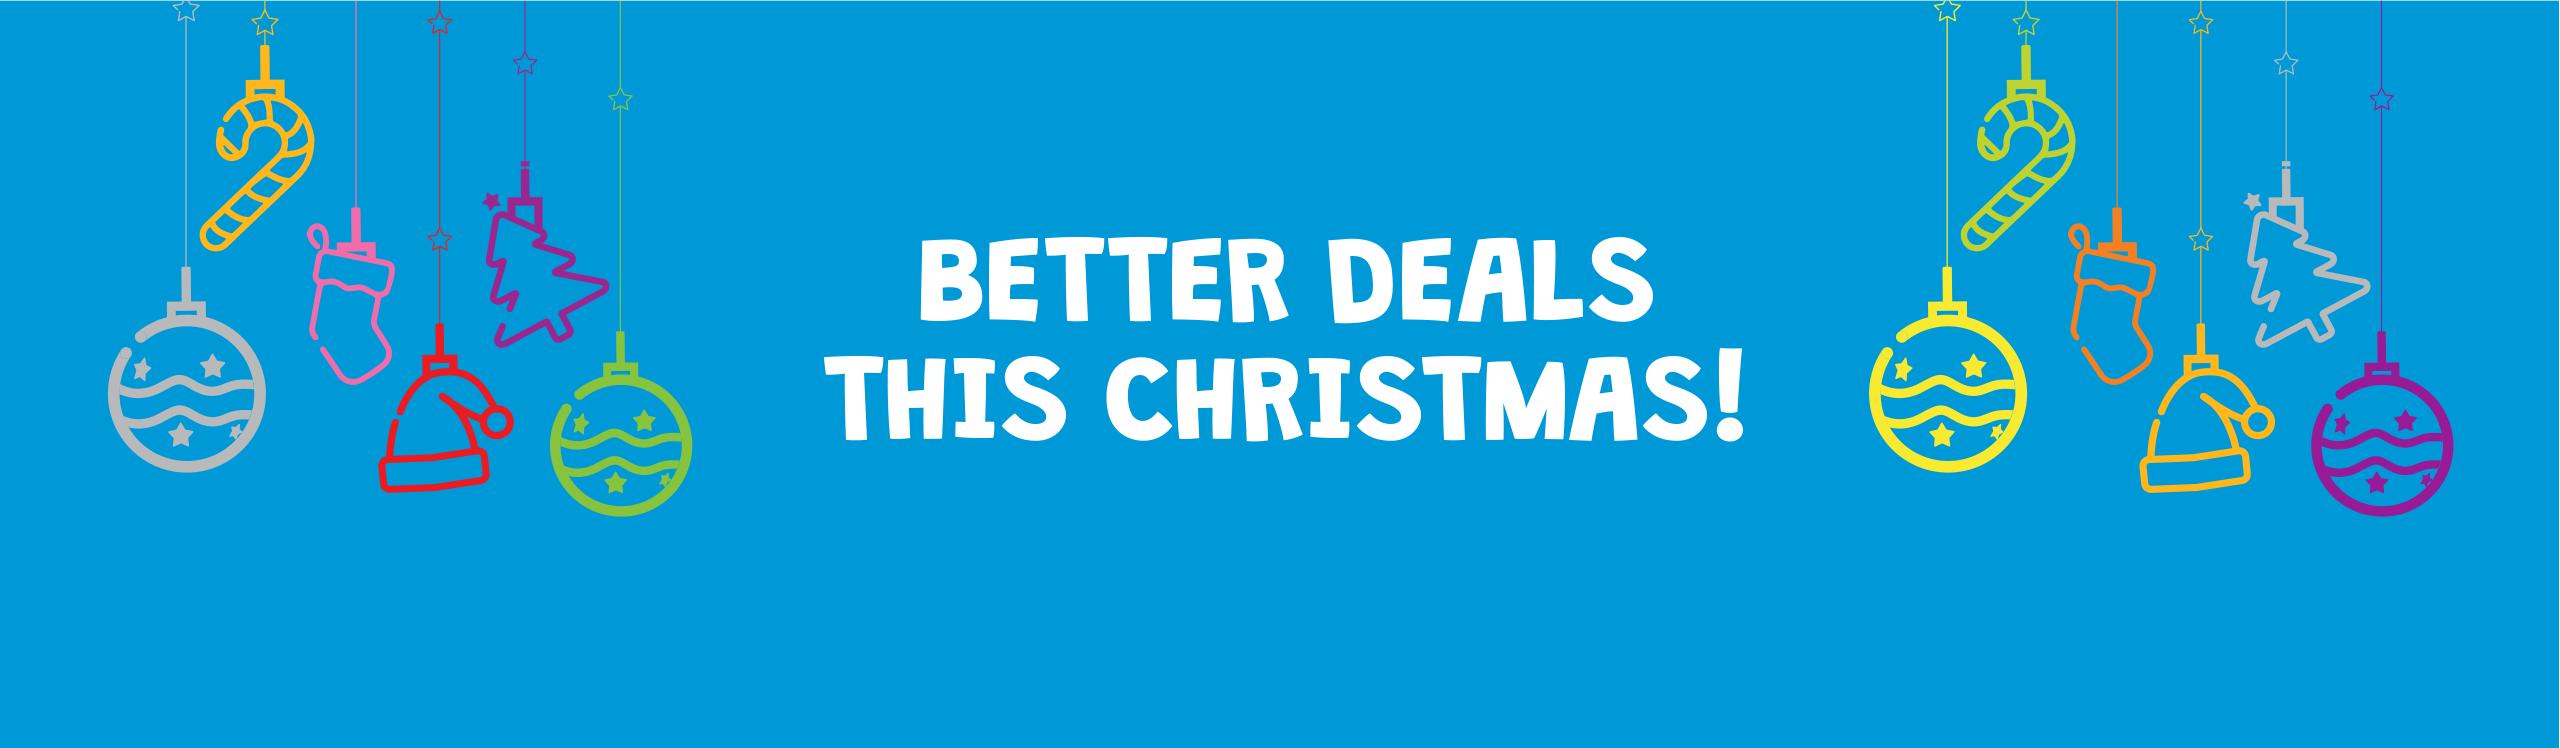 Christmas offer 2019